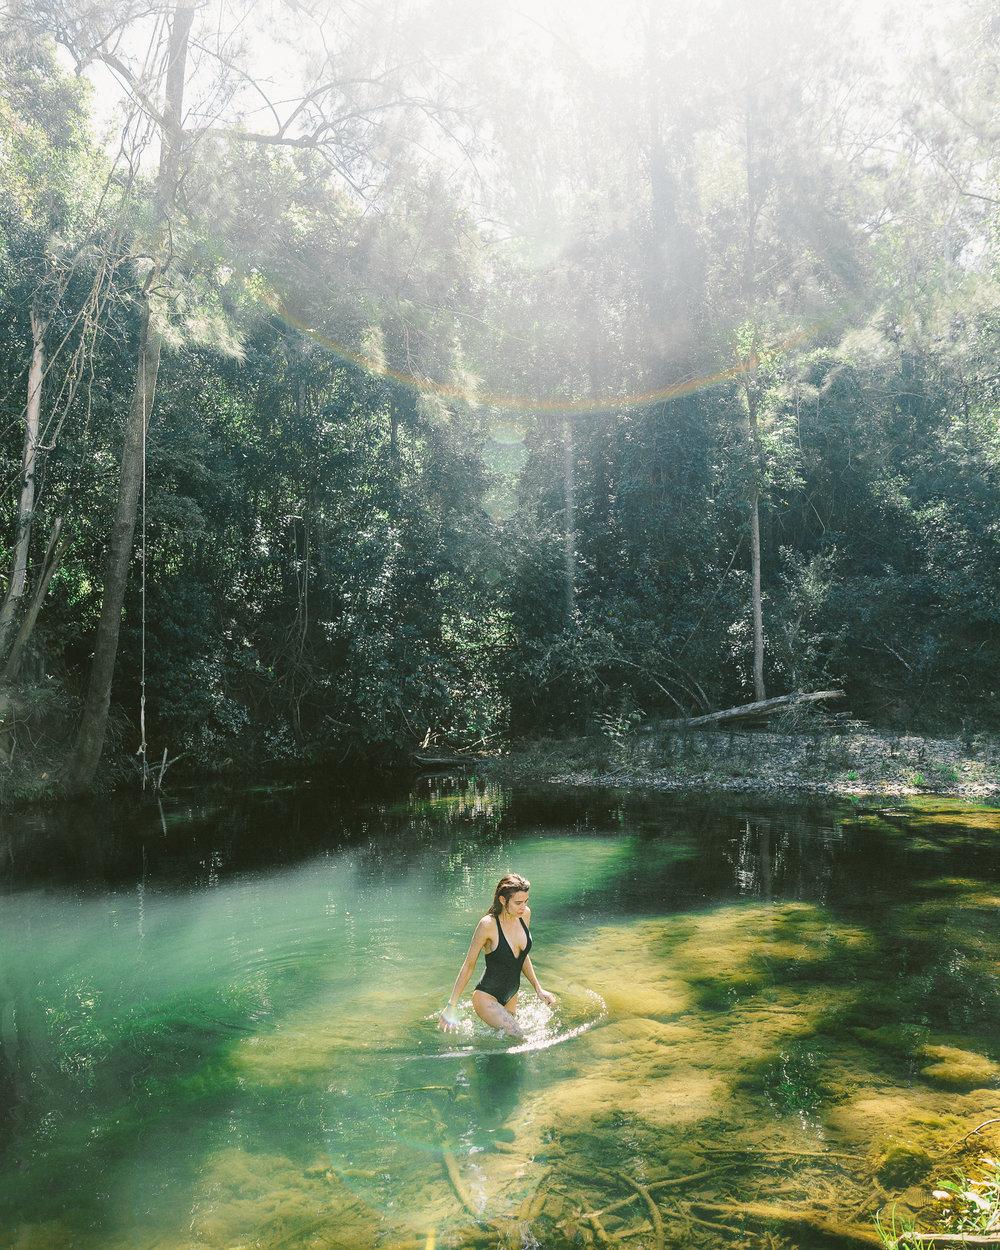 MelissaFindley-CountryRoad-LWU-VSChinterland-12.jpg